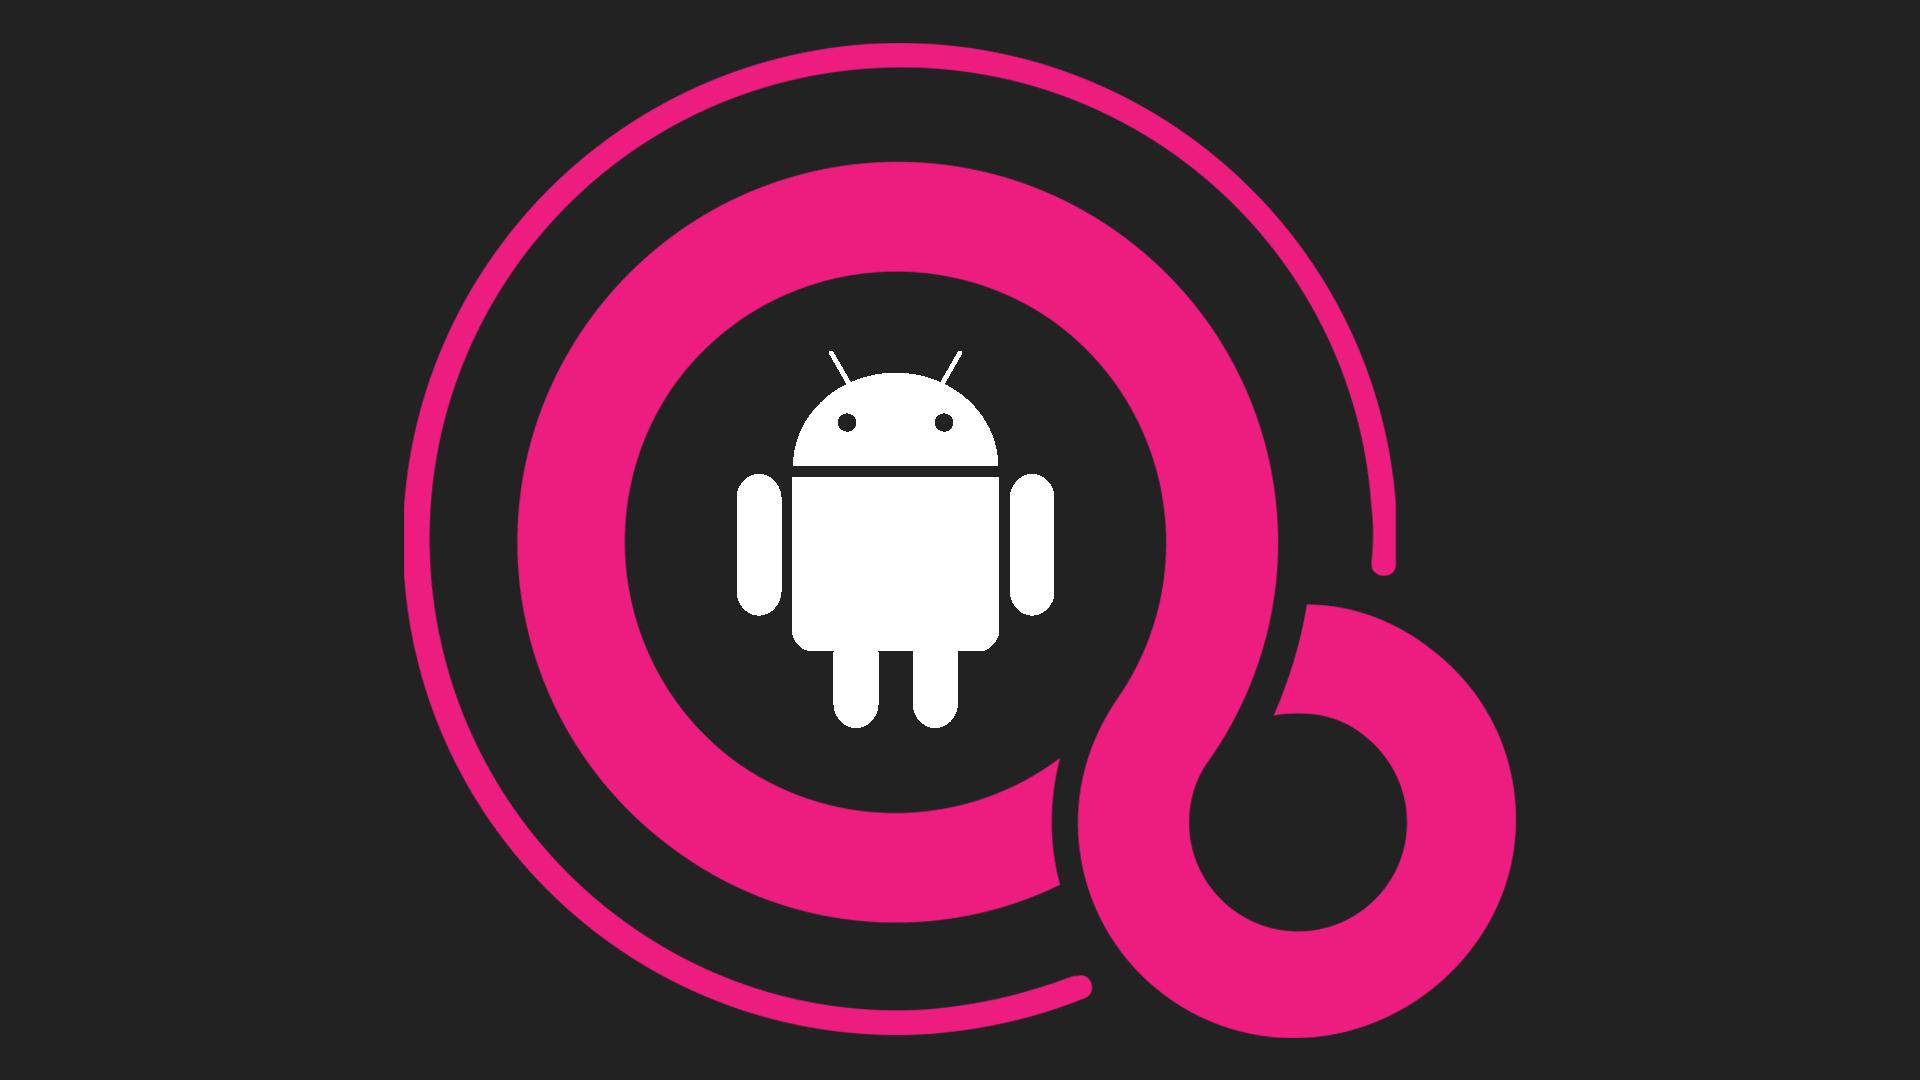 Le futur Android — Google Fuchsia OS